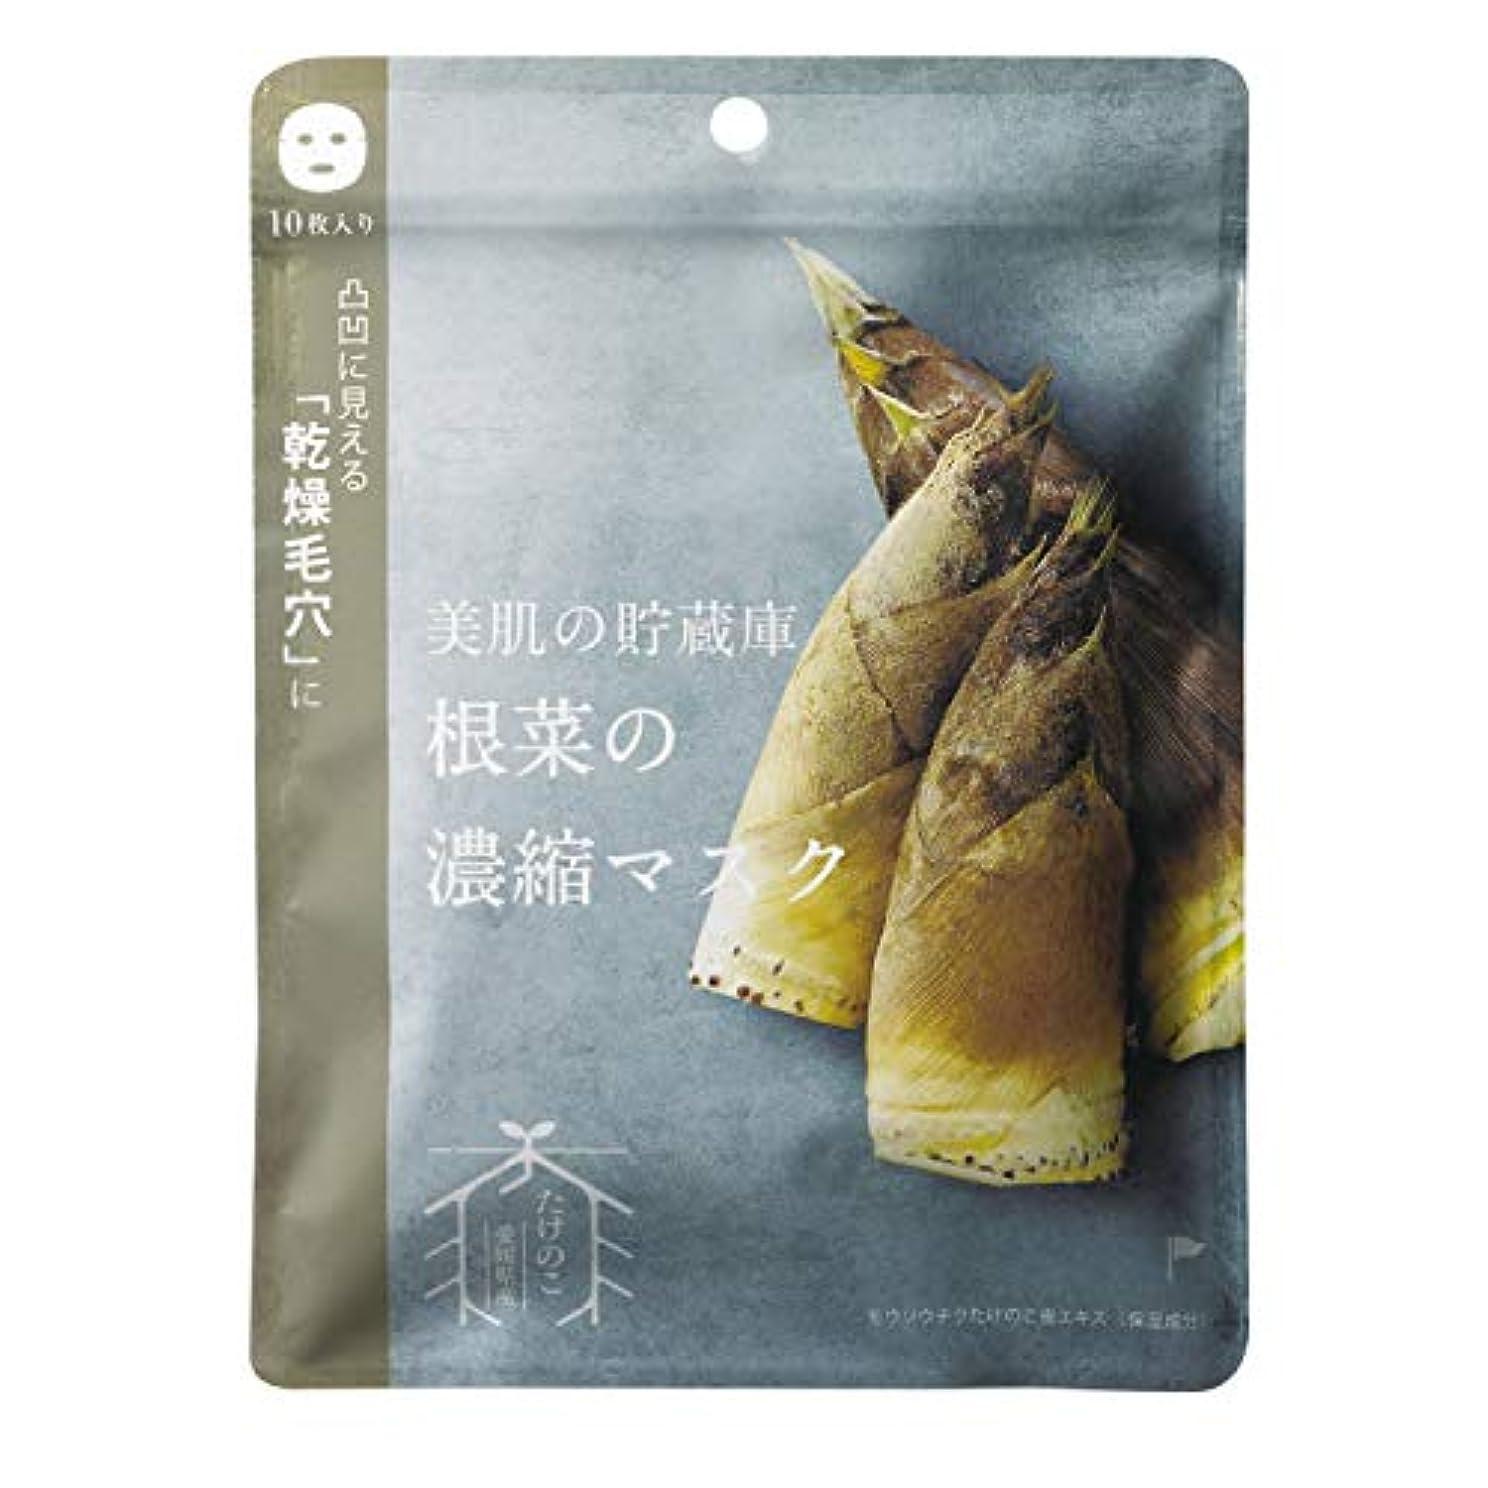 広い繰り返した洞察力@cosme nippon 美肌の貯蔵庫 根菜の濃縮マスク 孟宗竹たけのこ 10枚 160ml